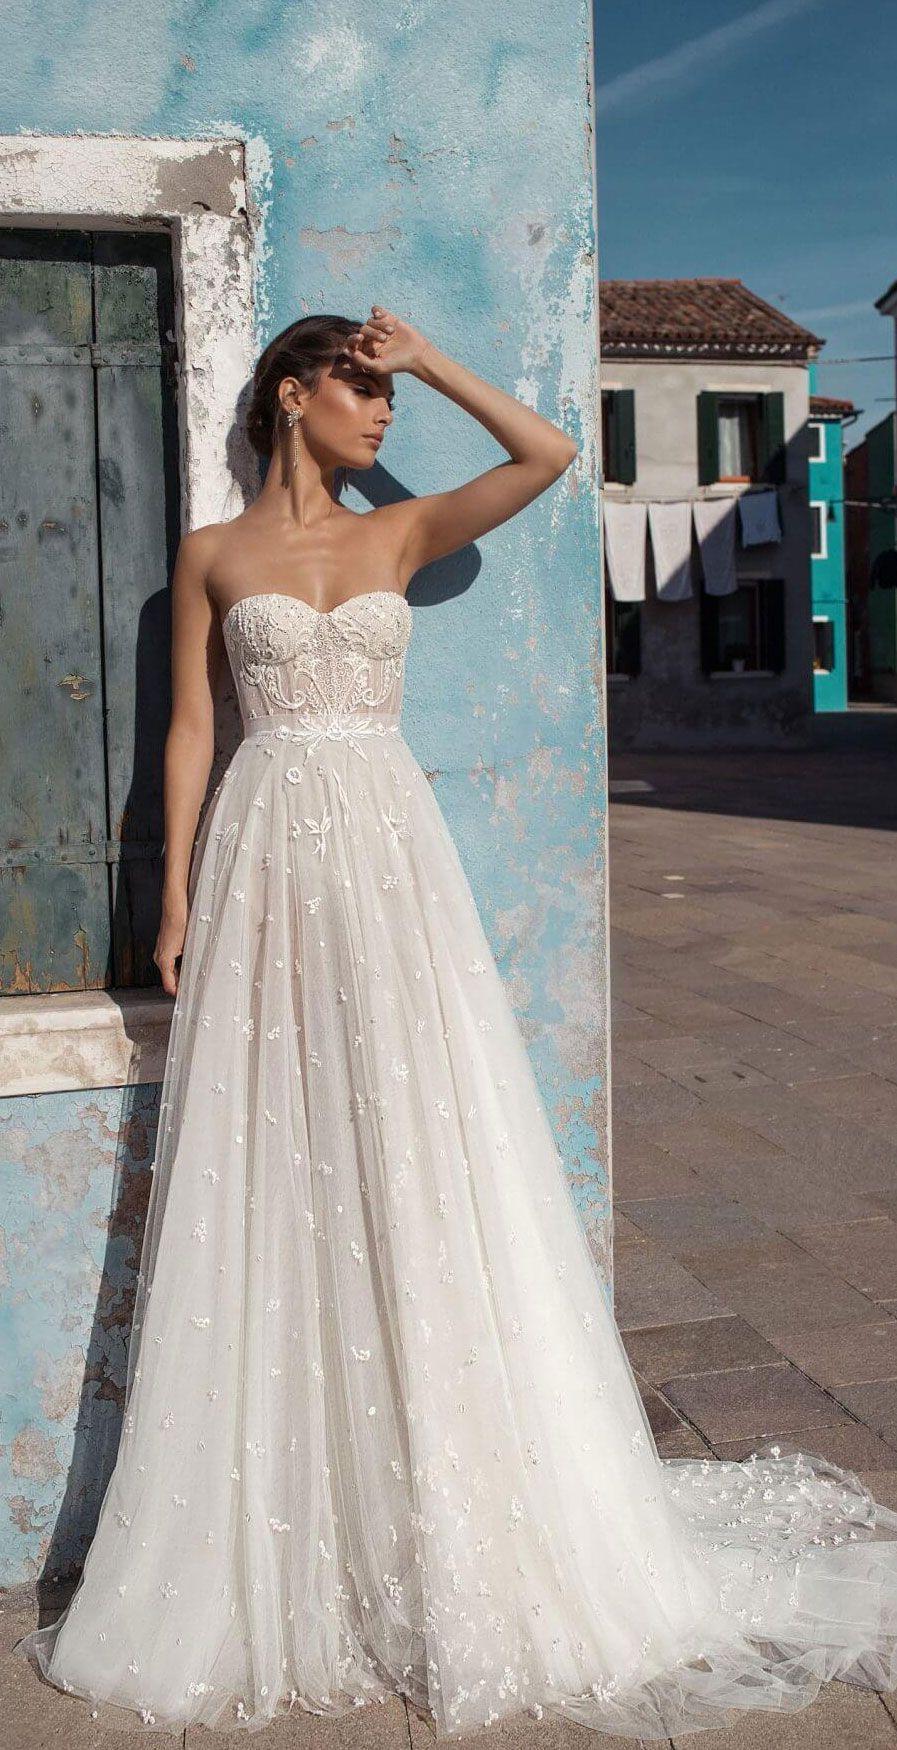 Gali Karten Wedding Dress Beach Wedding Dresses Dream